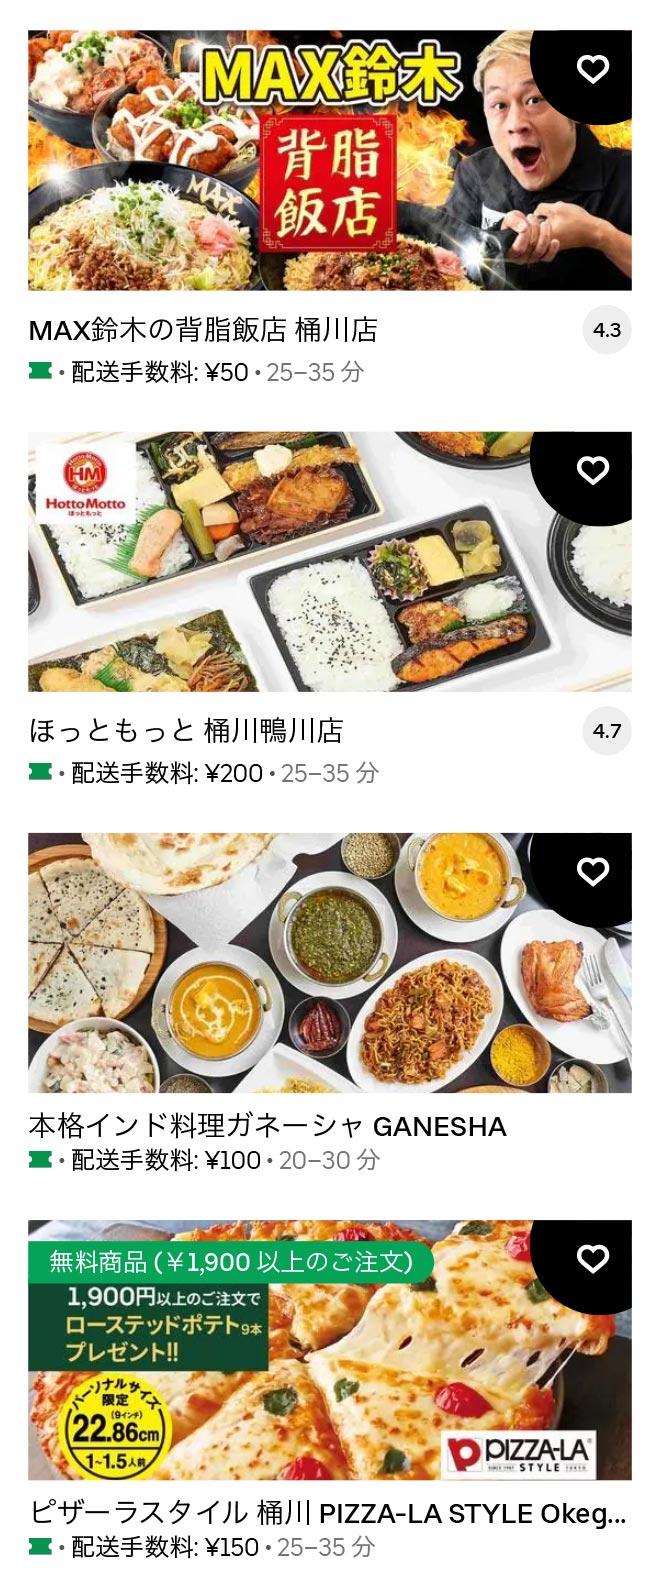 U okegawa 2102 02